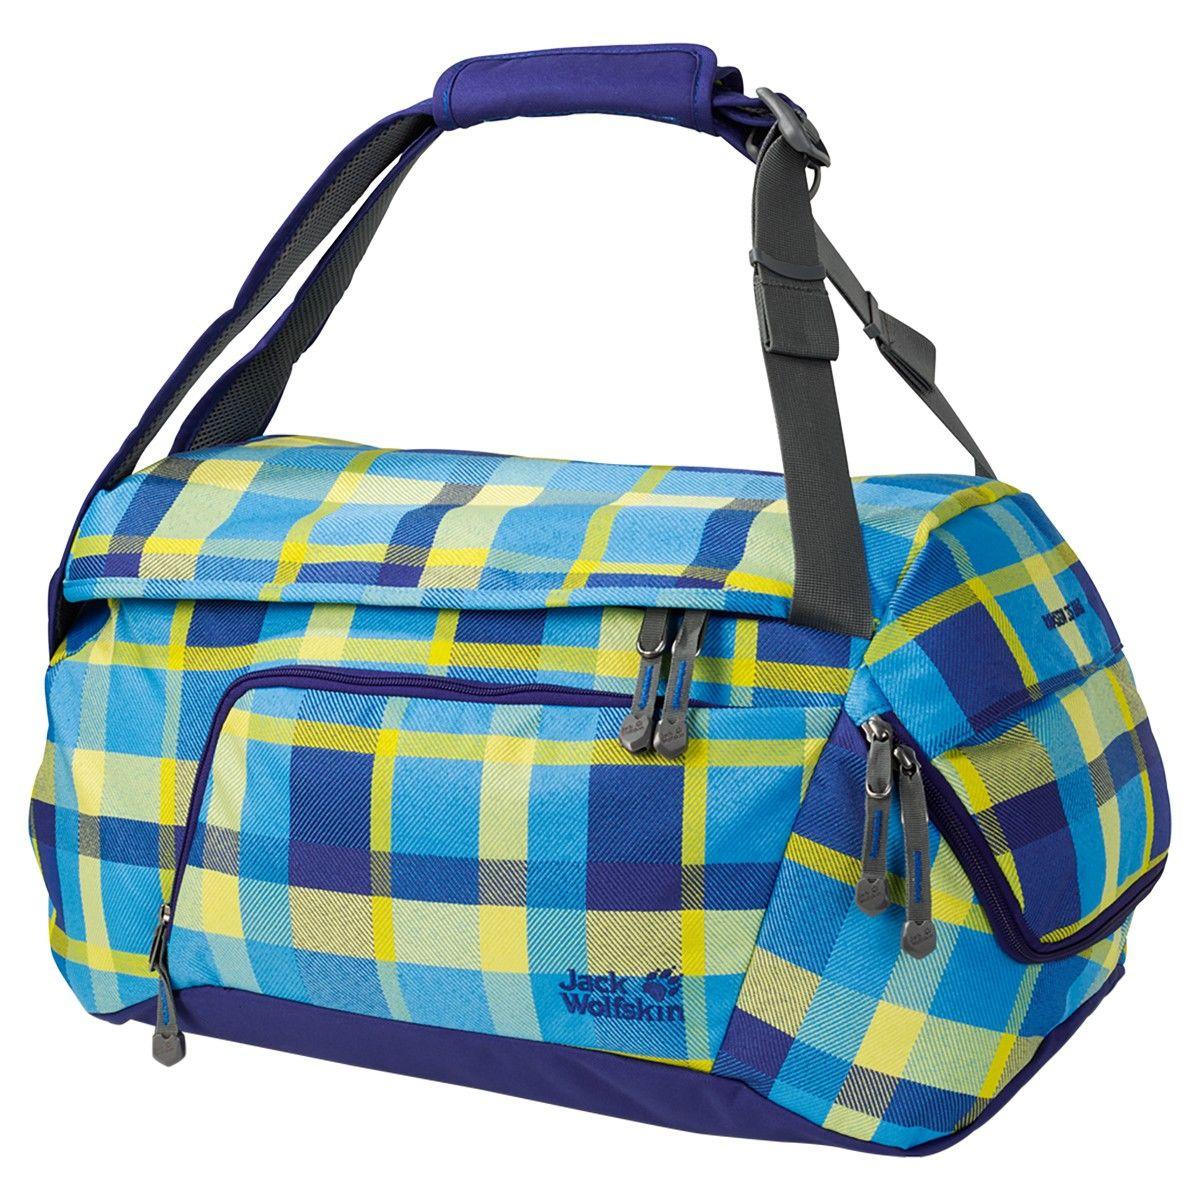 Jack Wolfskin Ramson 35 Bag | Kinder Sporttasche